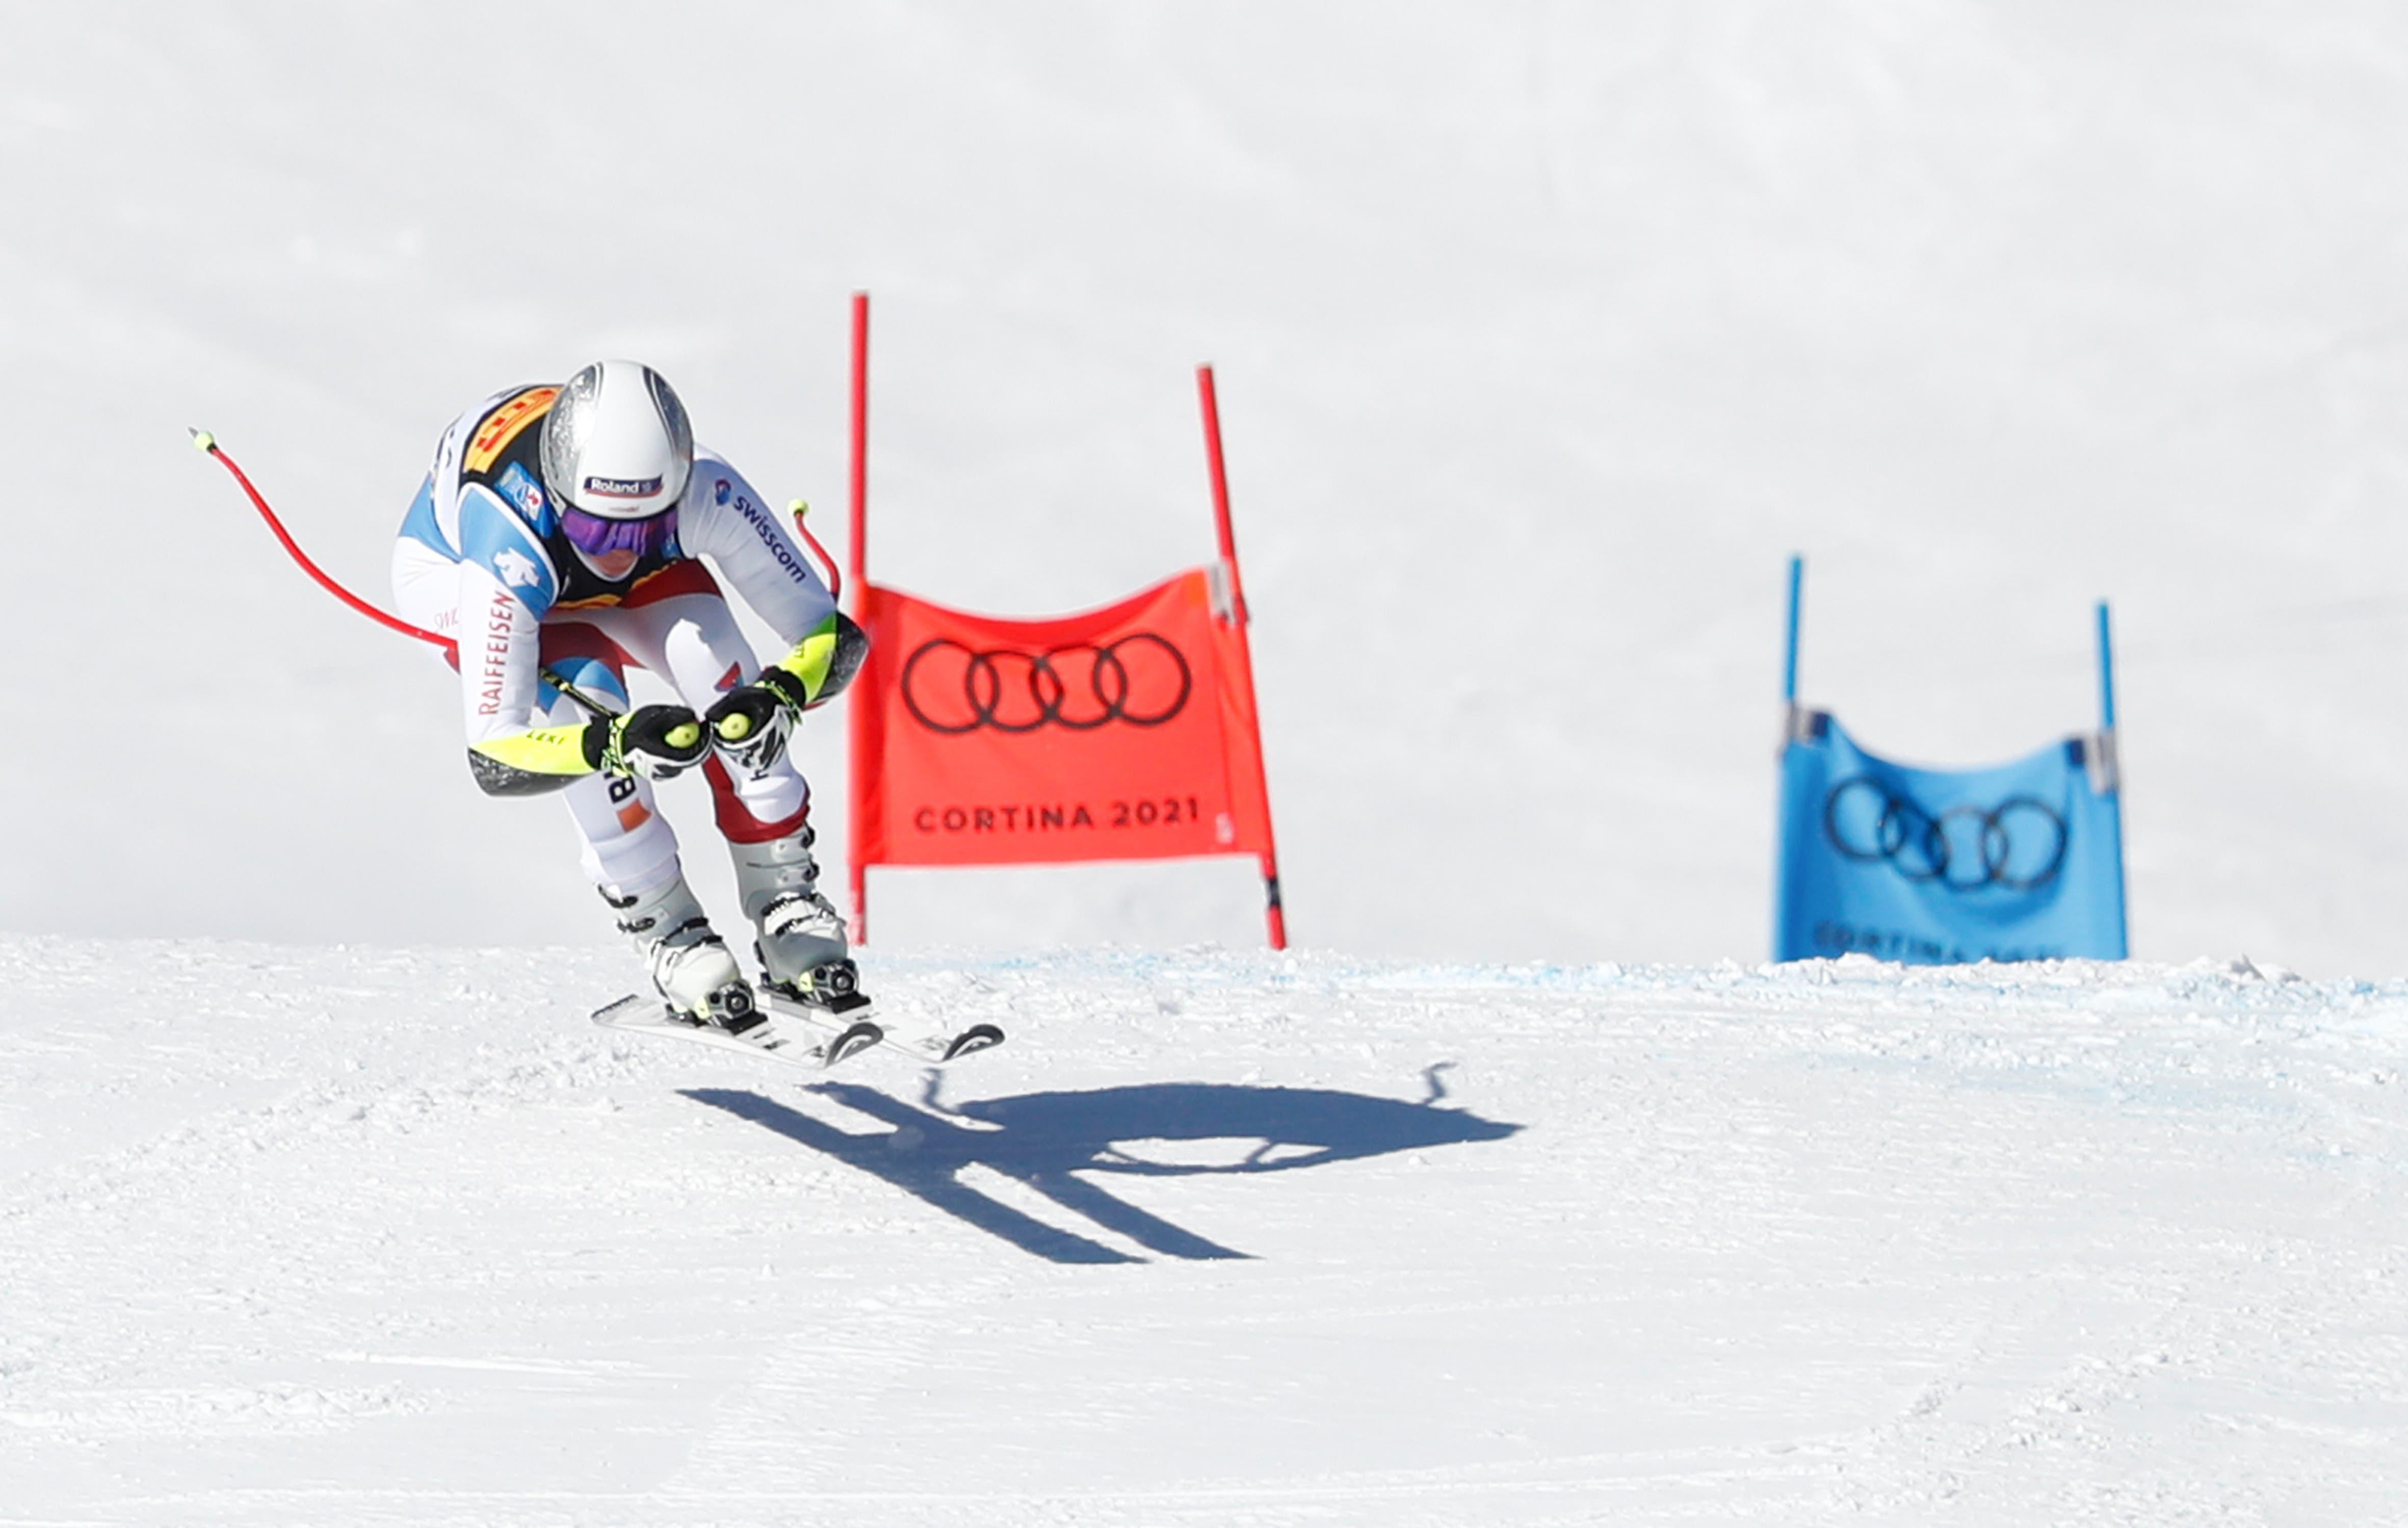 Corinne Suter krallt sich Silber. Die Schwyzerin fährt vor allem im Schlussabschnitt stark.